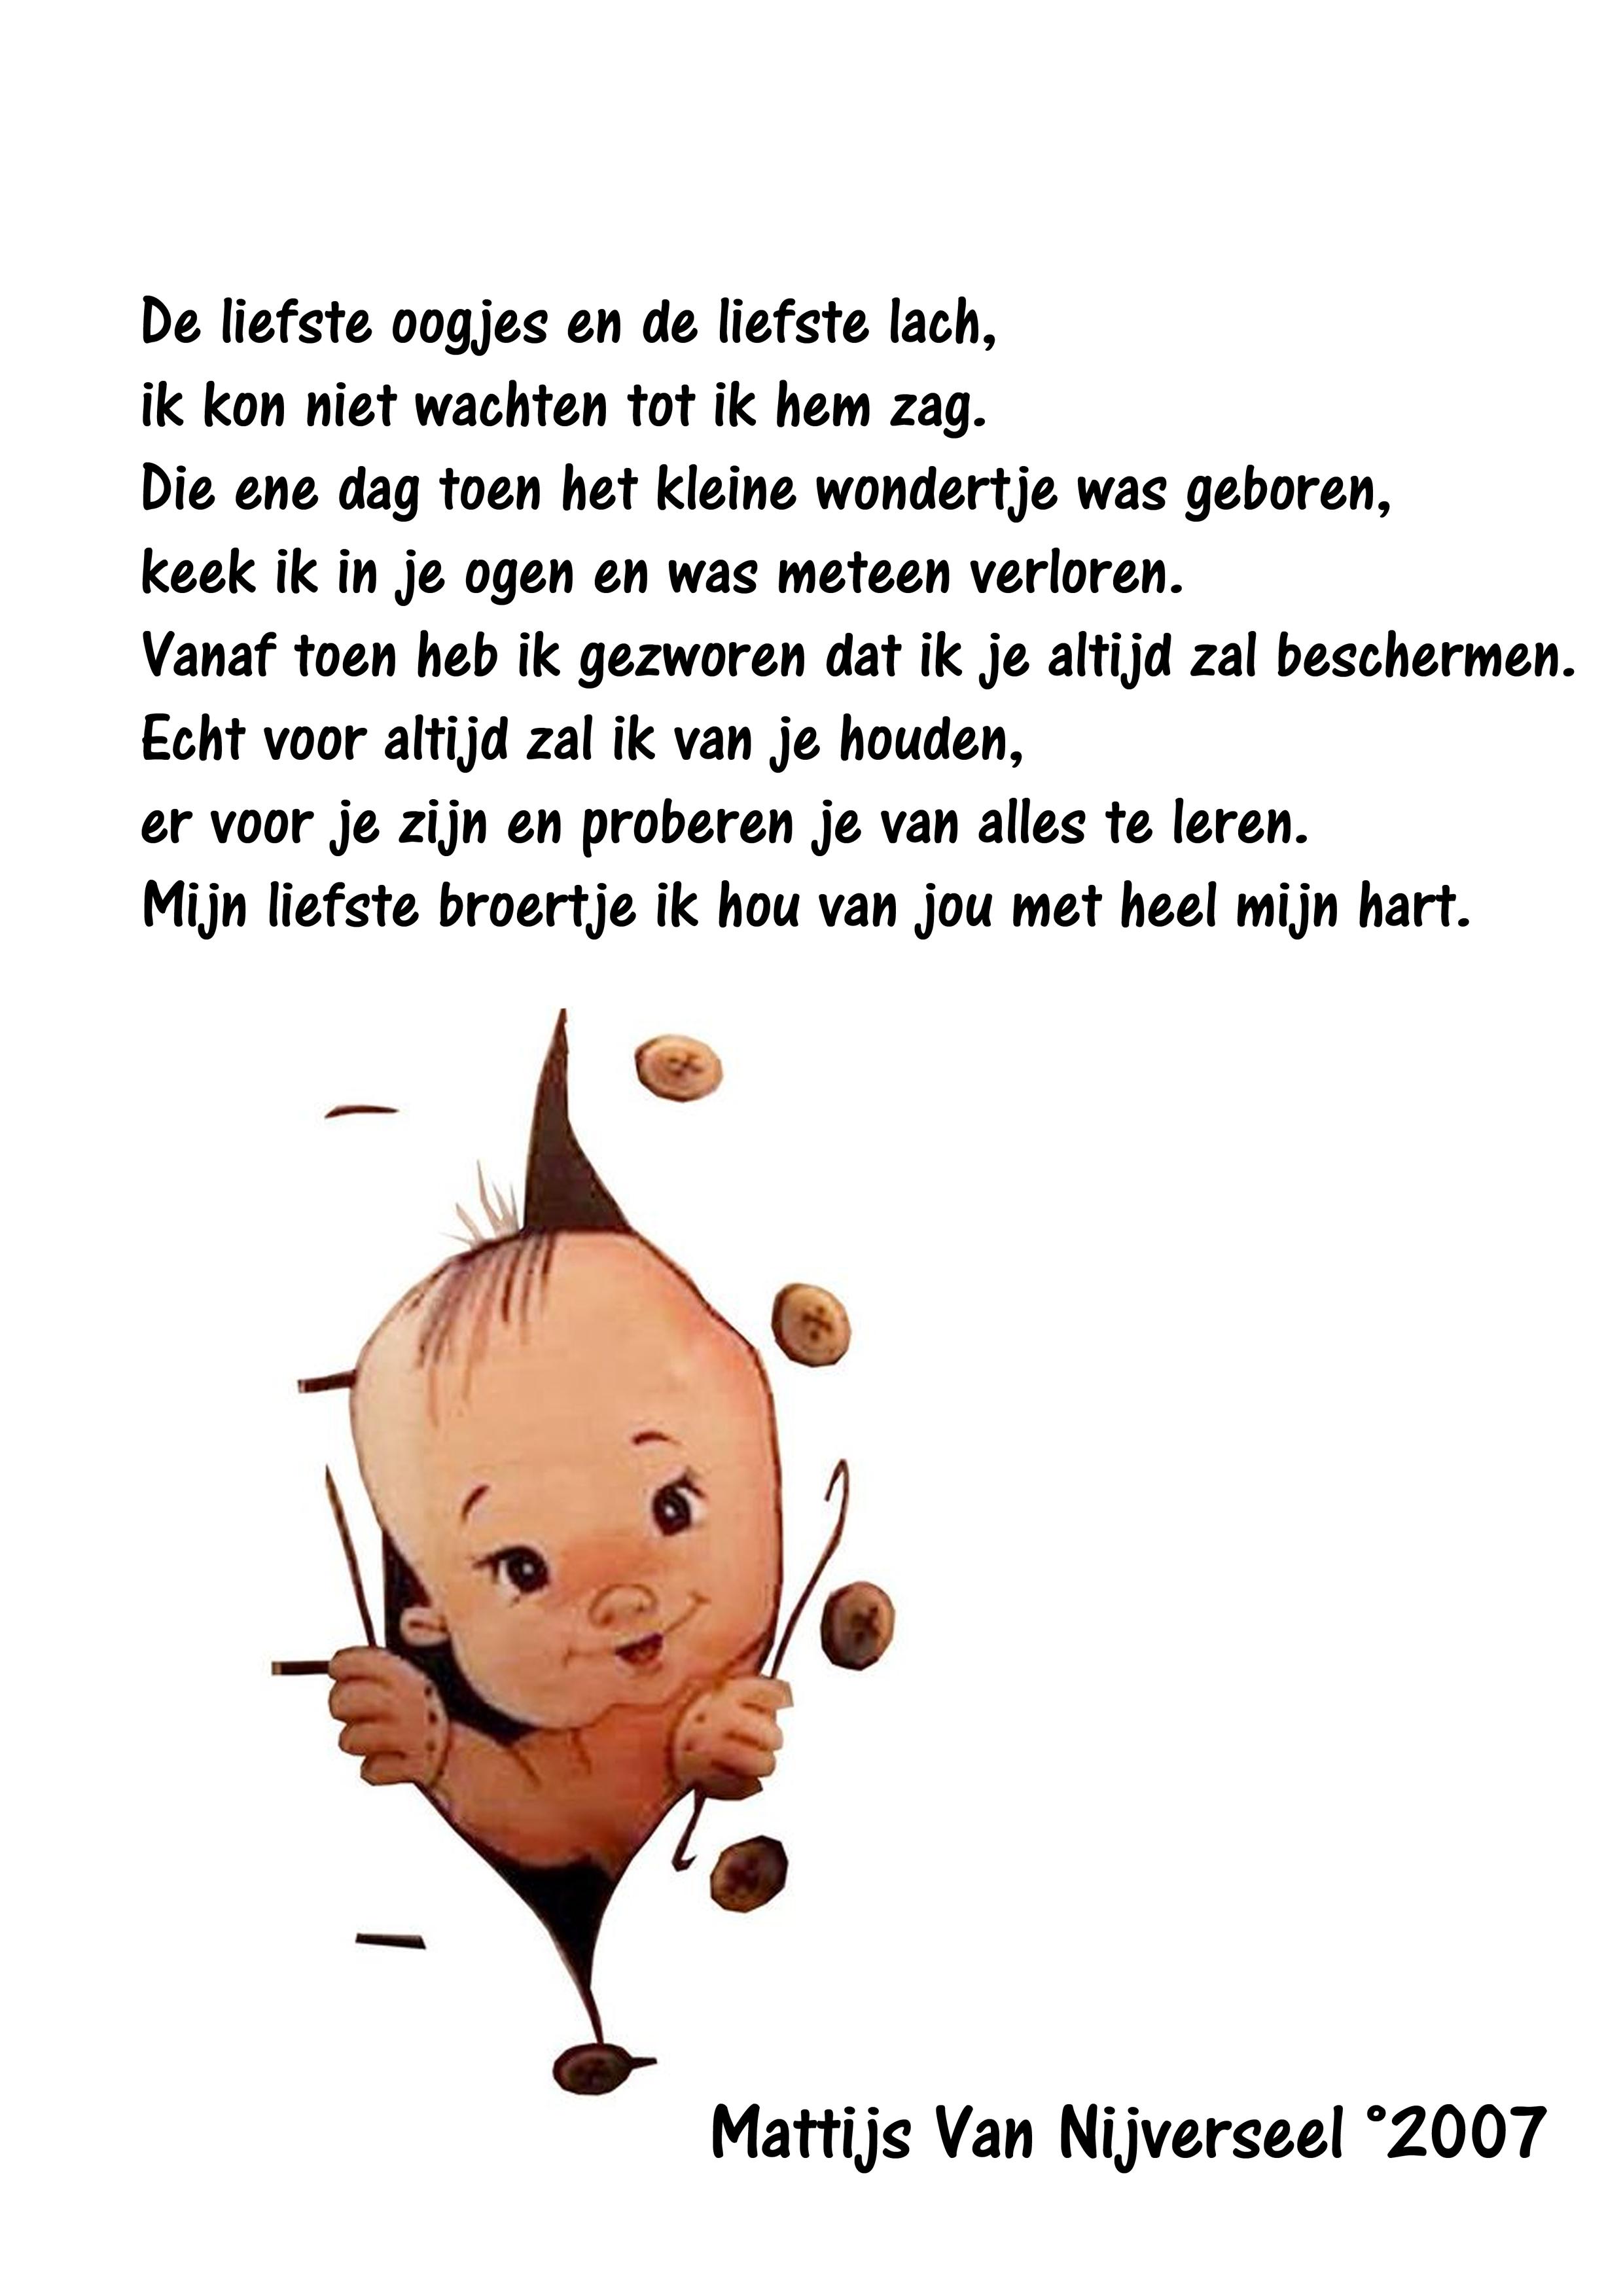 Mattijs Van Nijverseel